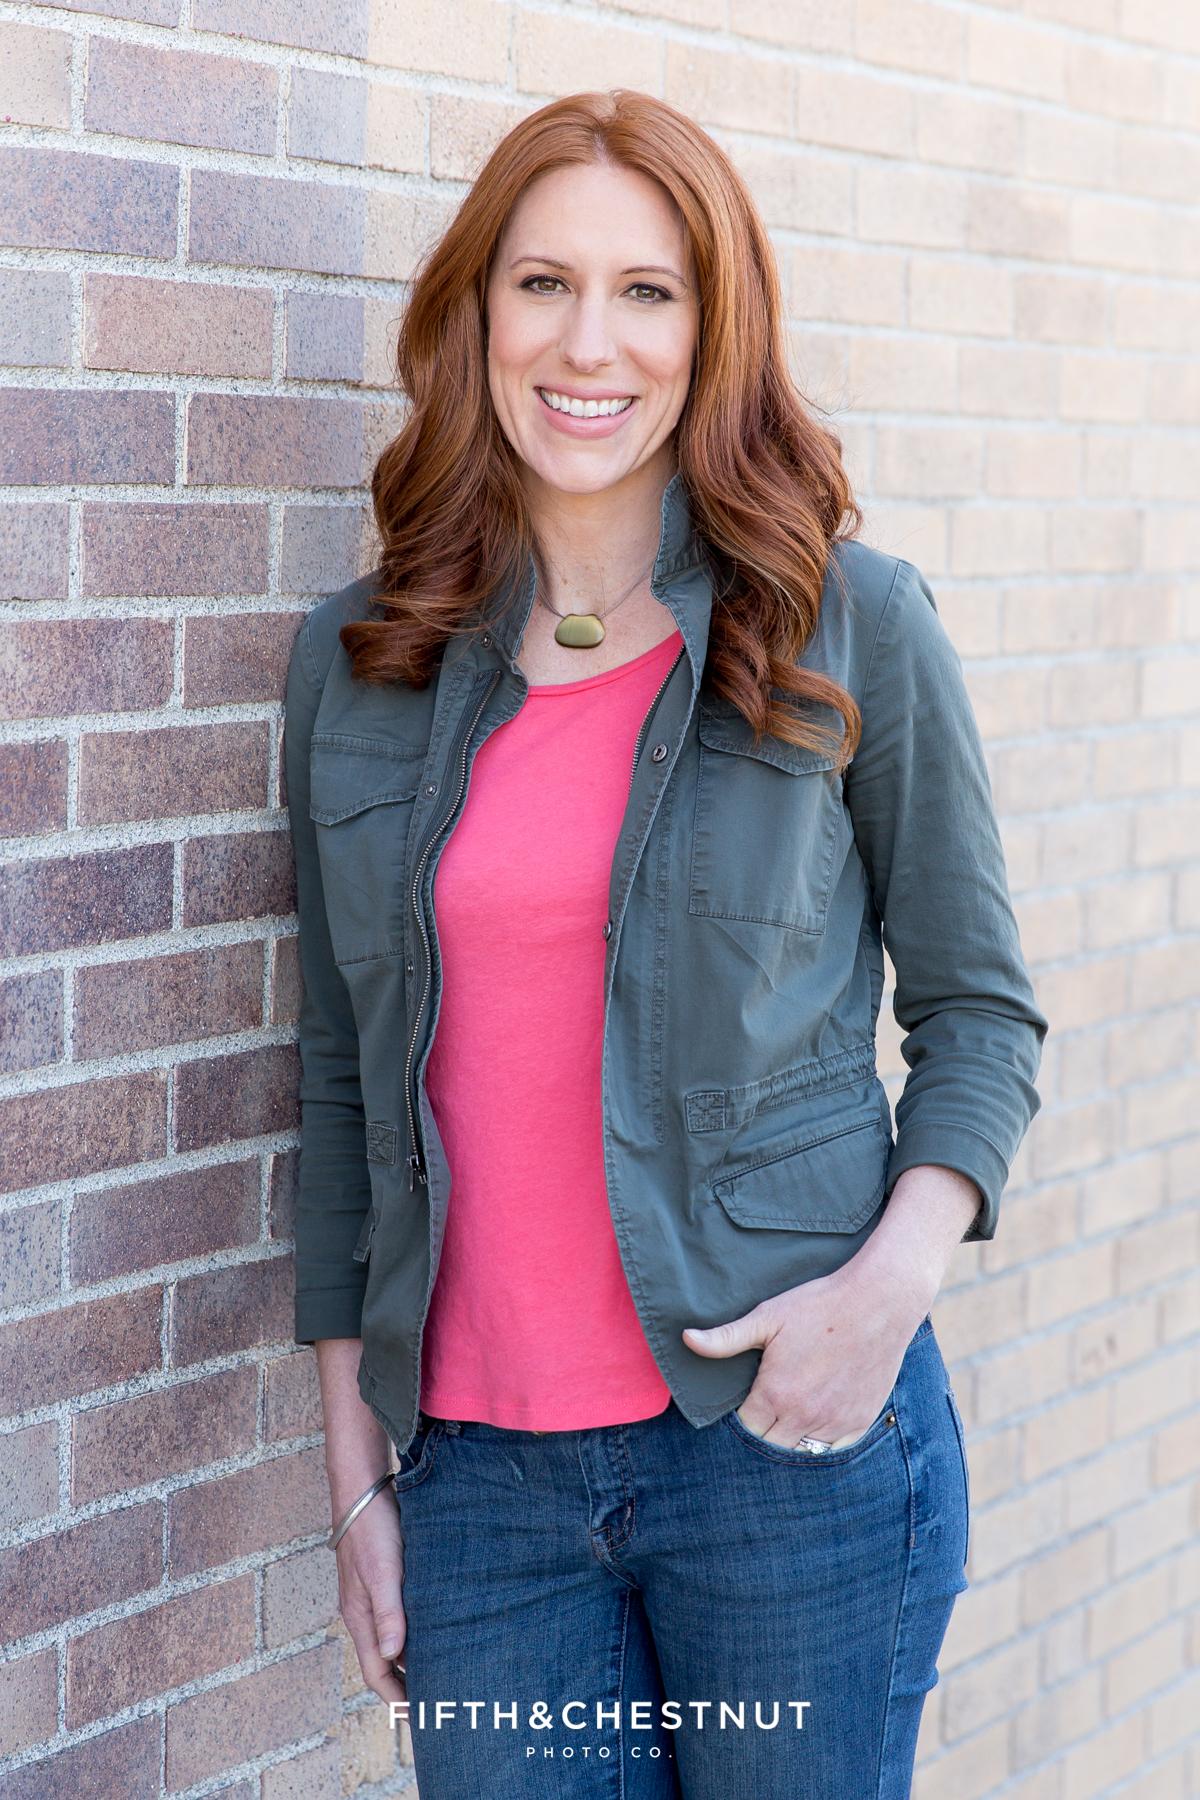 Reno Headshot Photographer | Amber Barnes of Start Human